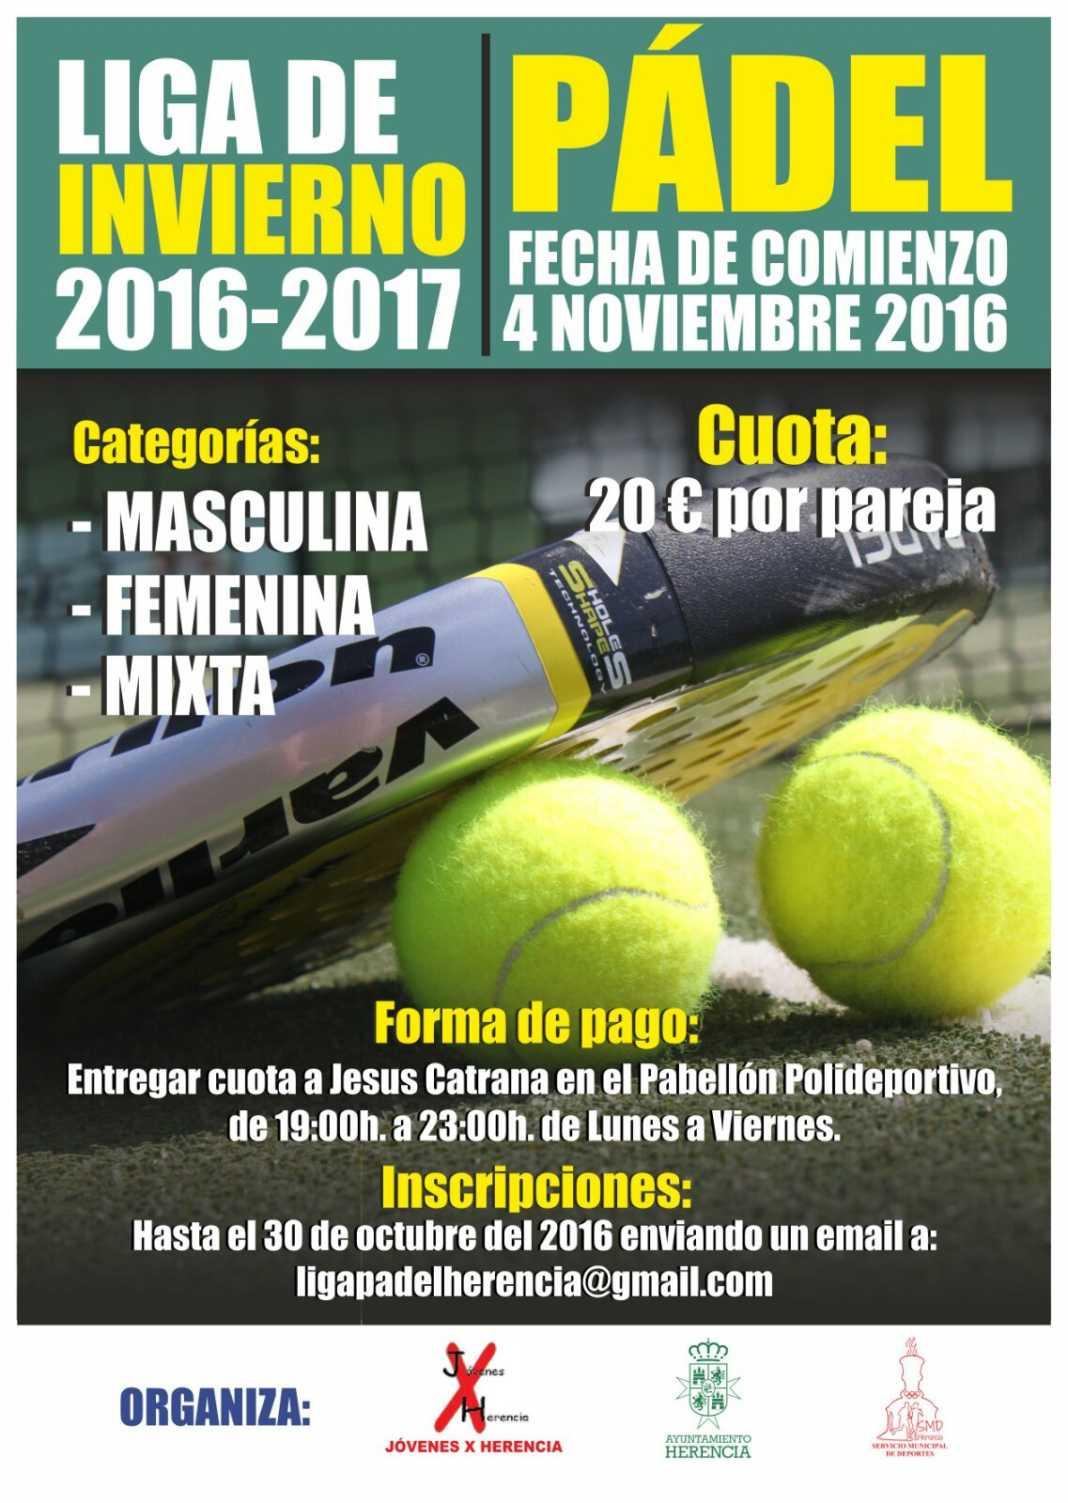 liga de padel de inverno en herencia 2016 2017 1068x1503 - Liga de Pádel de Invierno 2016-2017 en Herencia